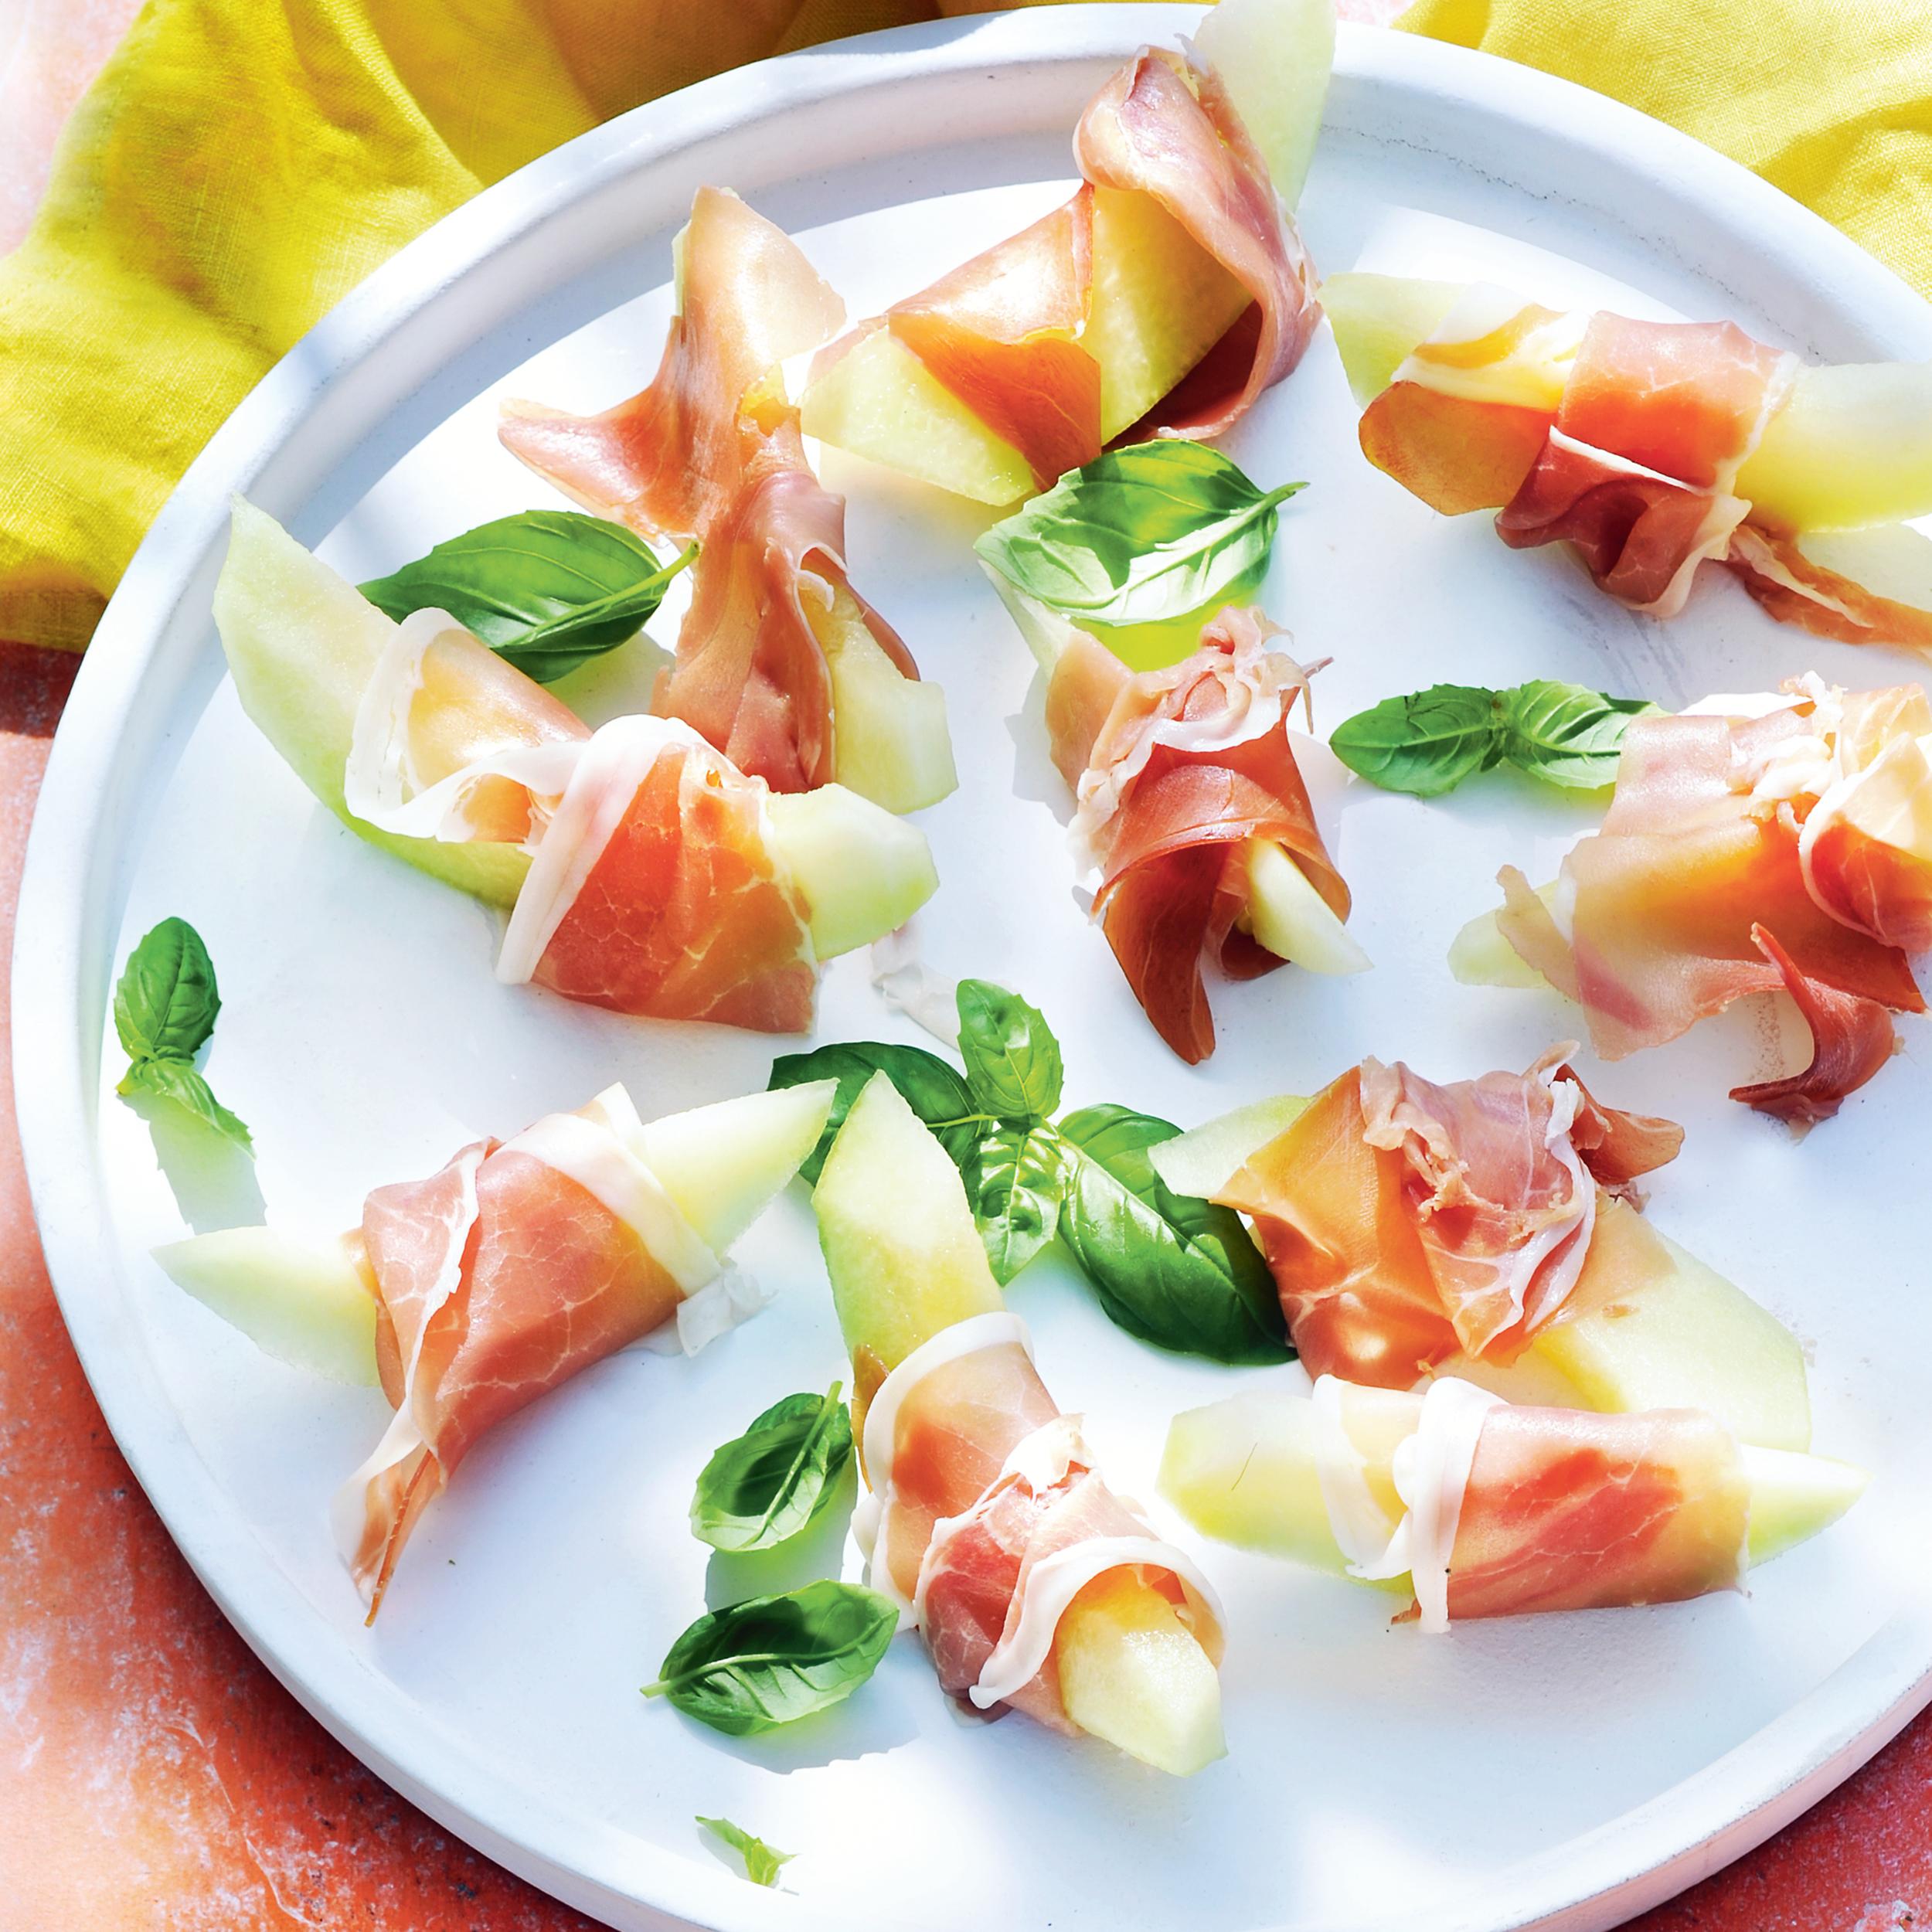 Geliefde Lekker als voorgerecht of borrelhapje: meloen met Italiaanse ham @RH26